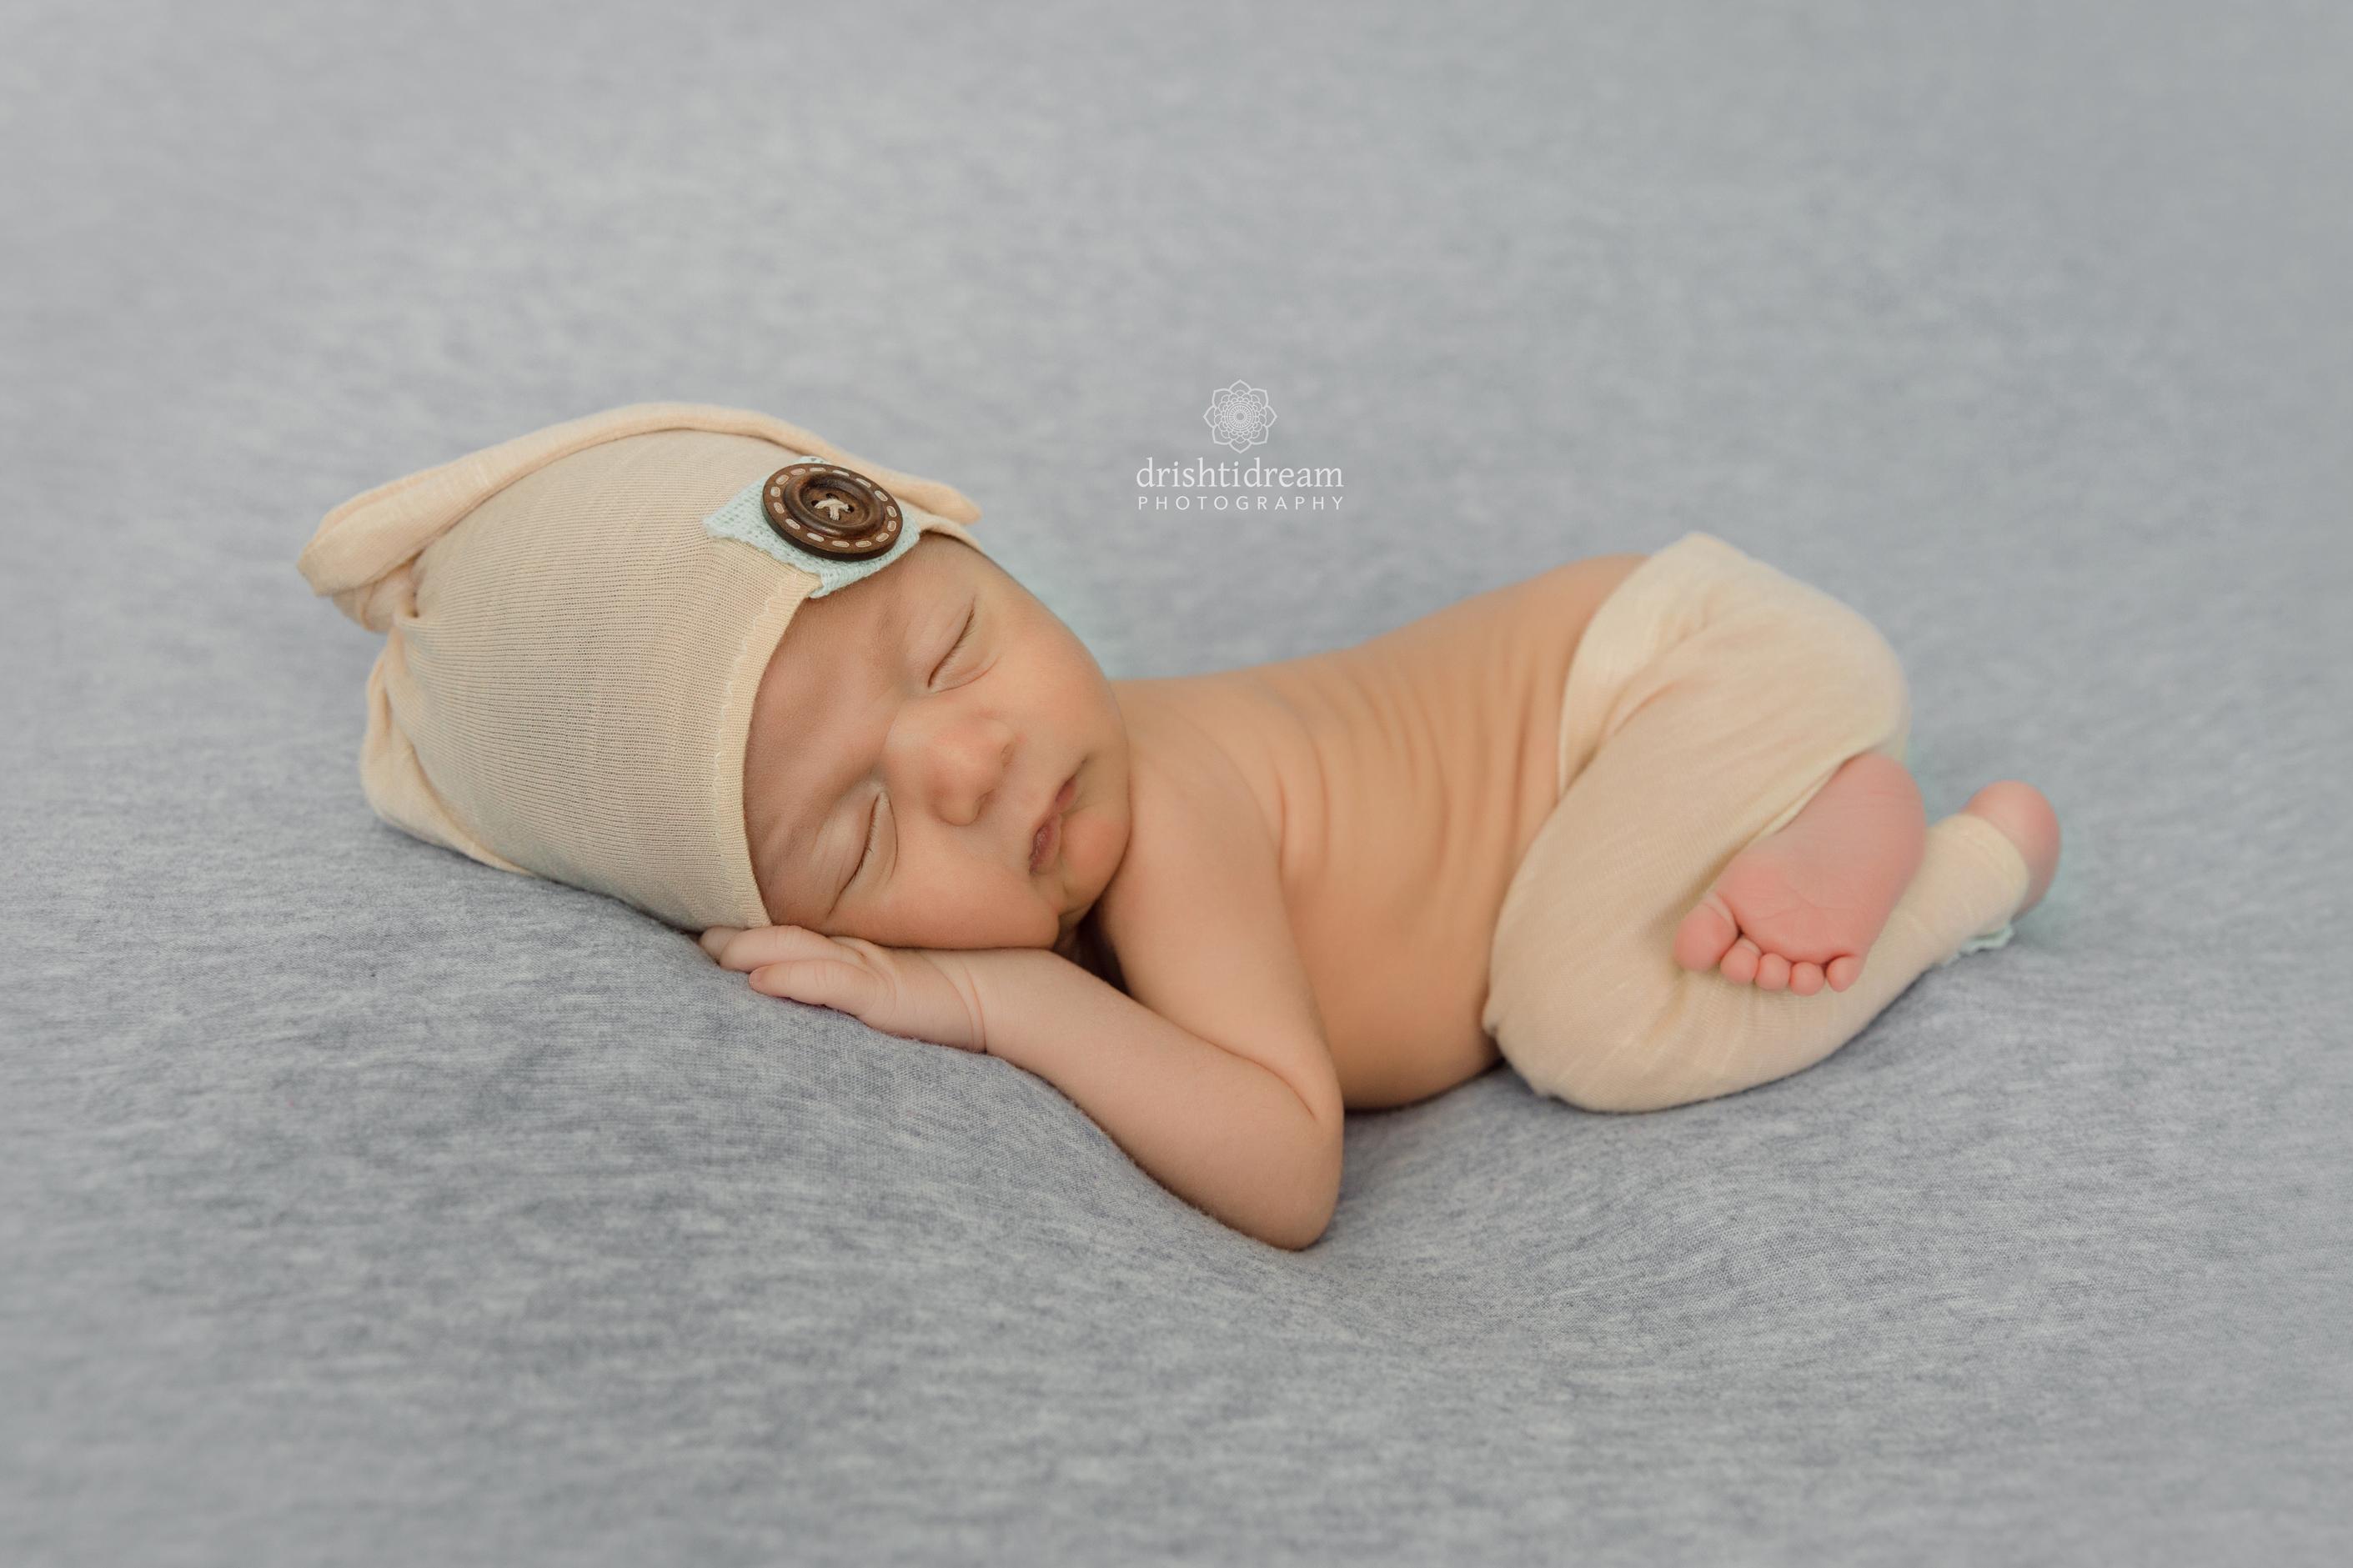 SantiagoAlvares_Newborn-15